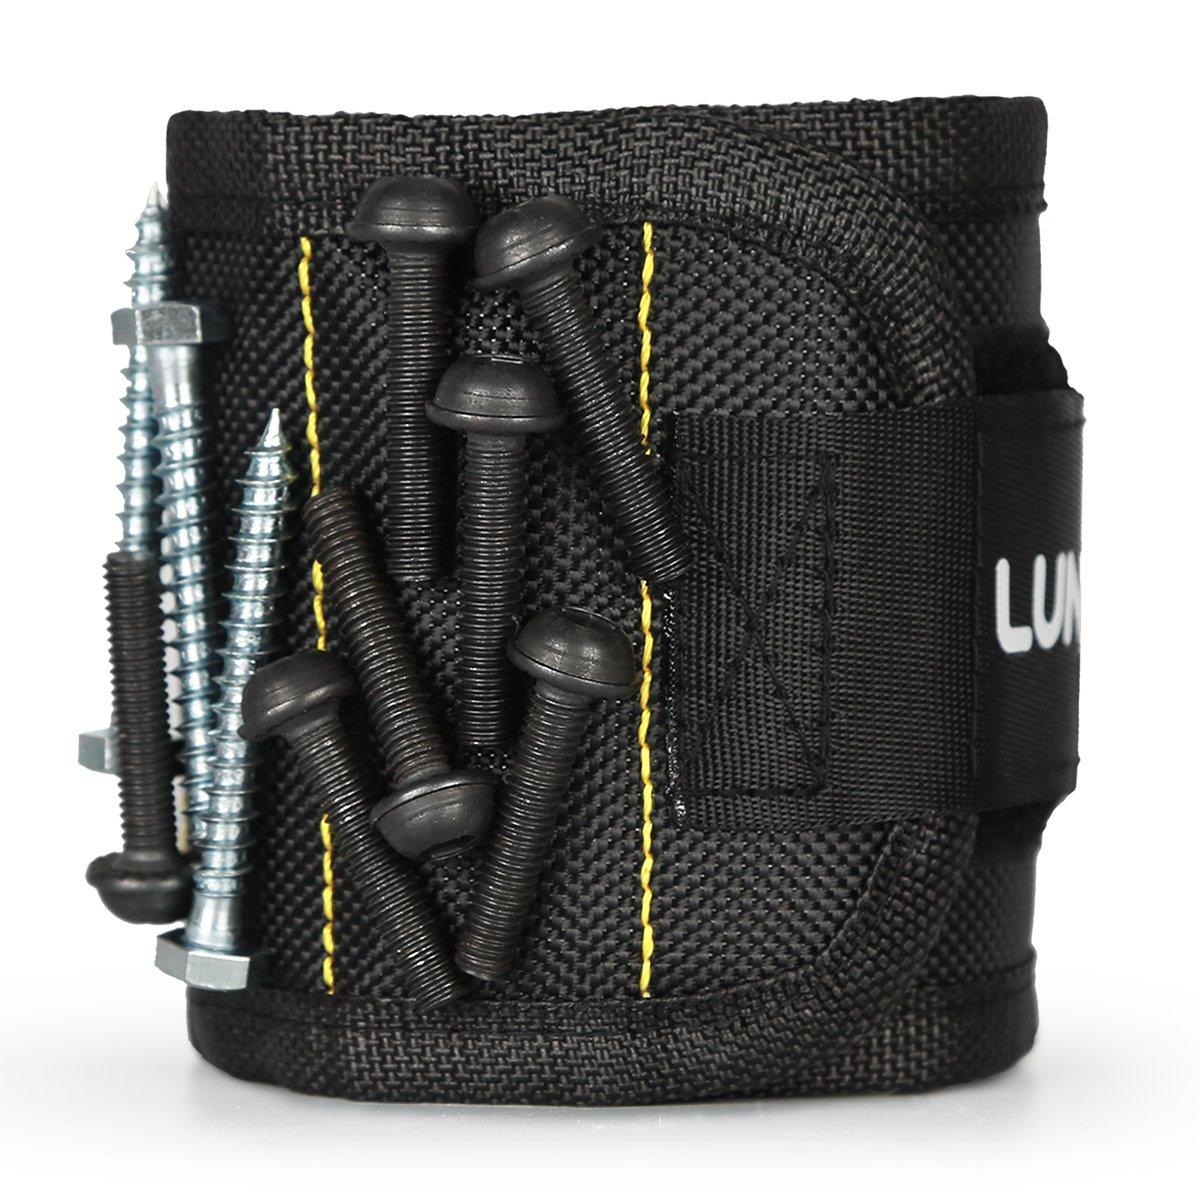 Lunvon Bracelet Magné tique, Magnet Arm Band, 15 puissants aimants forts pour les vis de maintien Clous, morceaux, attaches, rondelles, boulons - Best Tool Cadeau pour Bricoleur Handyman, Noir